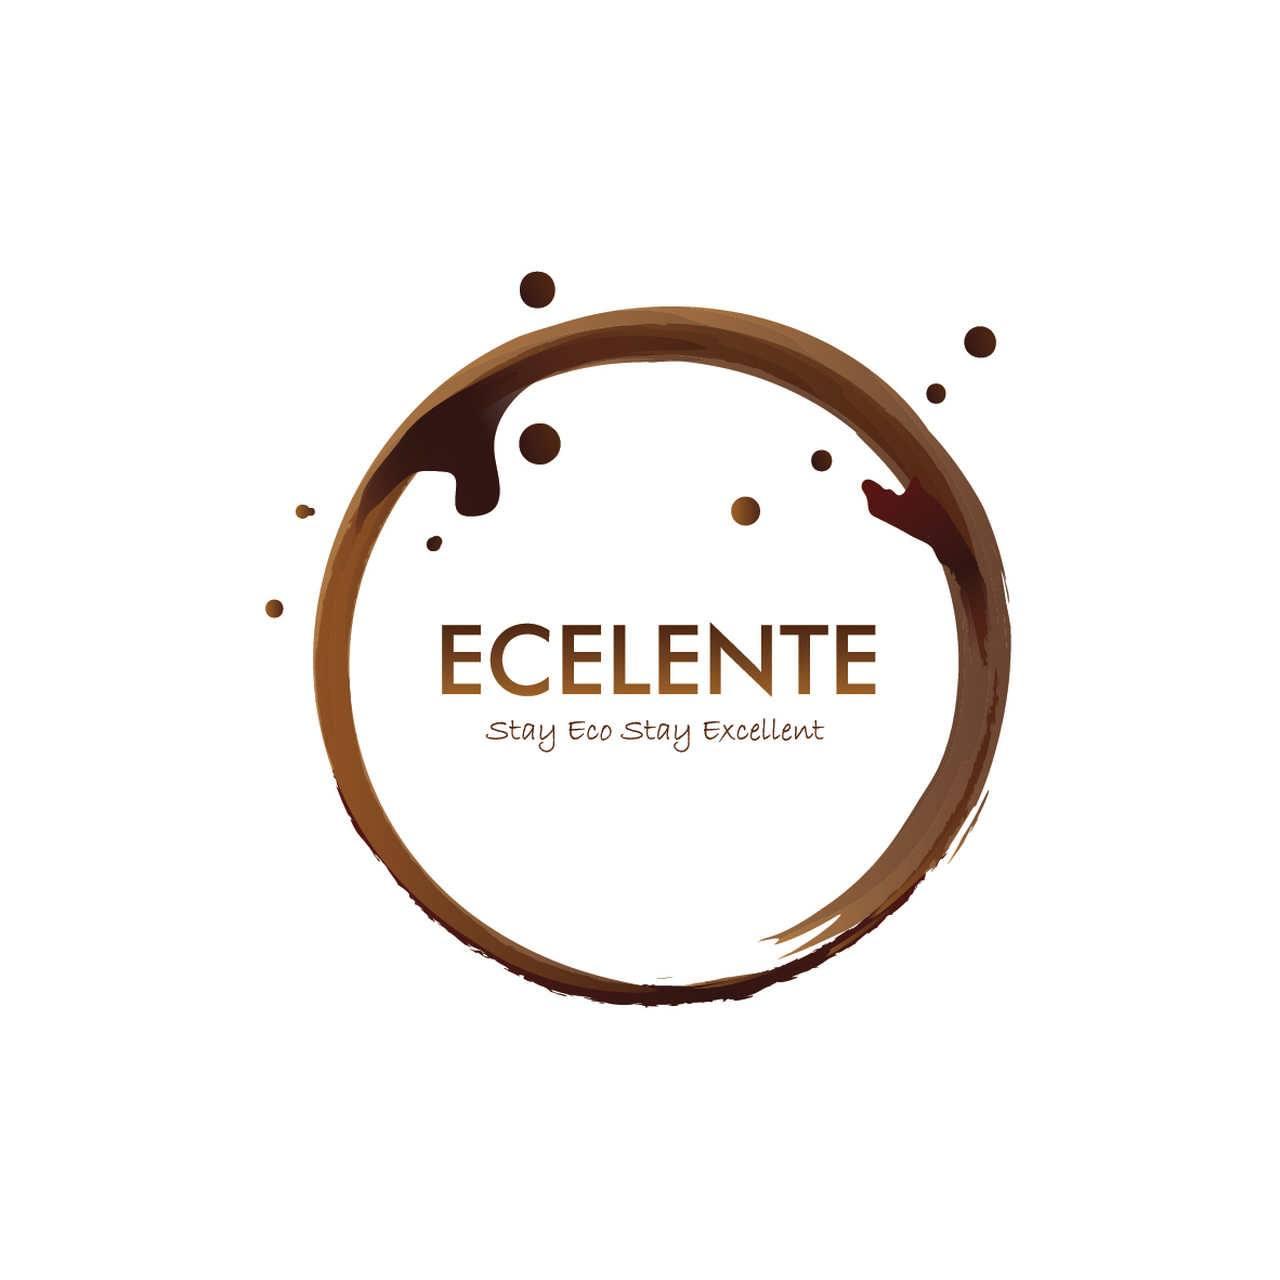 współpracuję z firmą Ecelente od październik 2020r